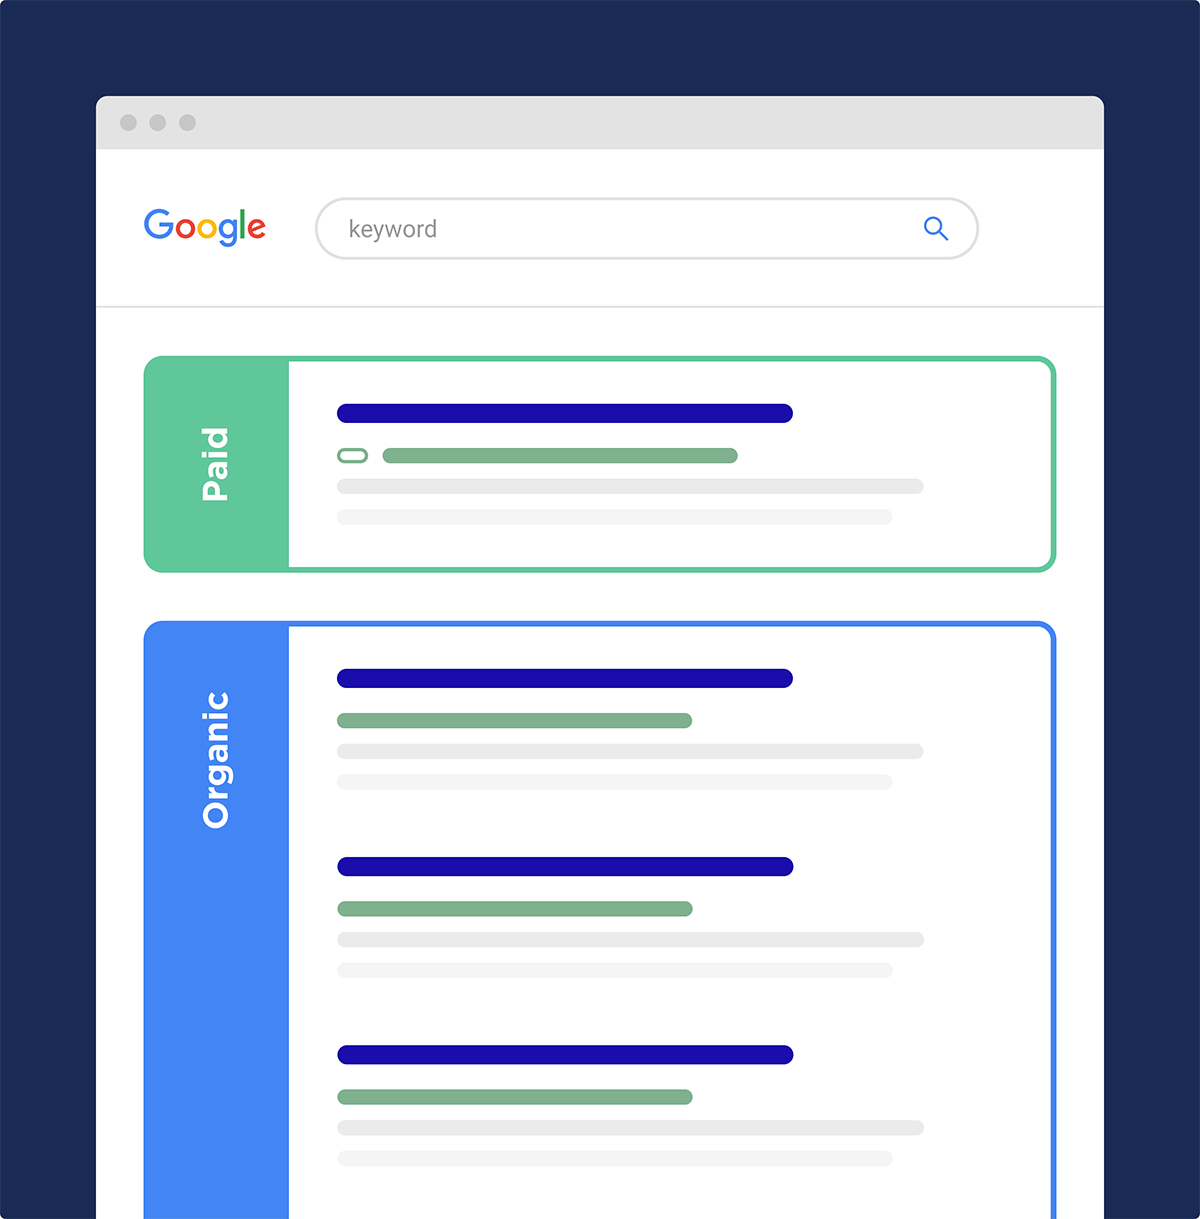 Página de resultados do mecanismo de pesquisa - paga e orgânica